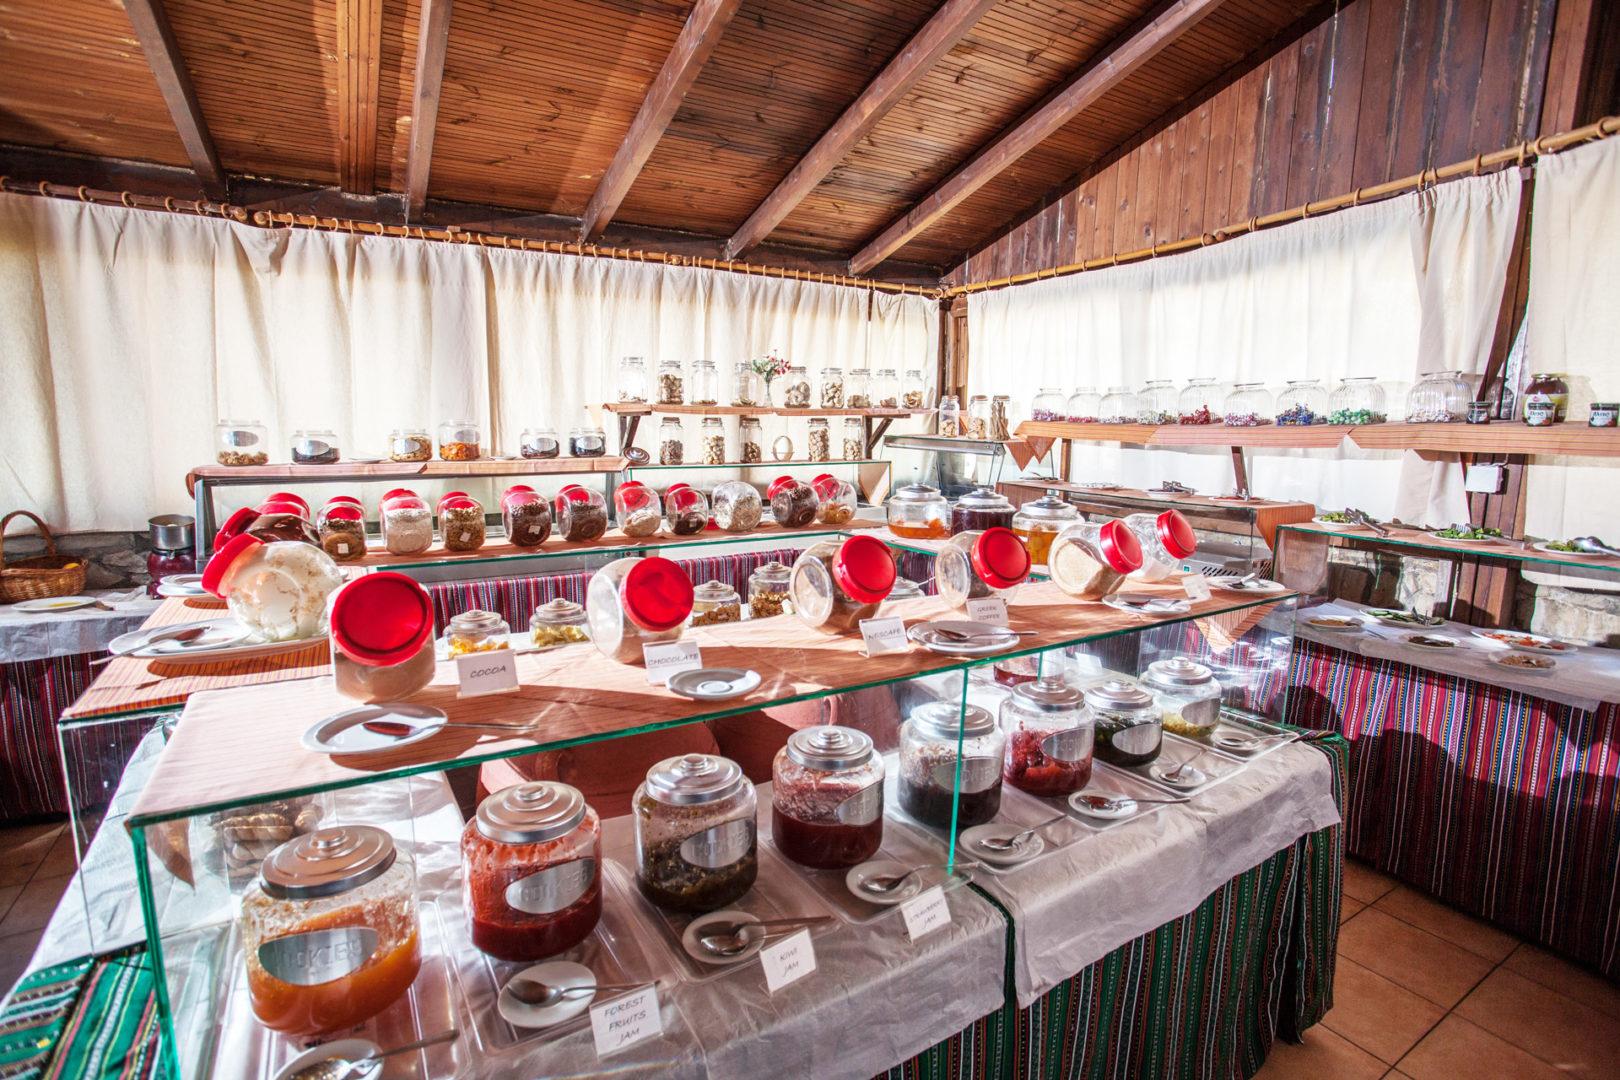 Hotel in Bali Crete - Stone Village - Restaurant